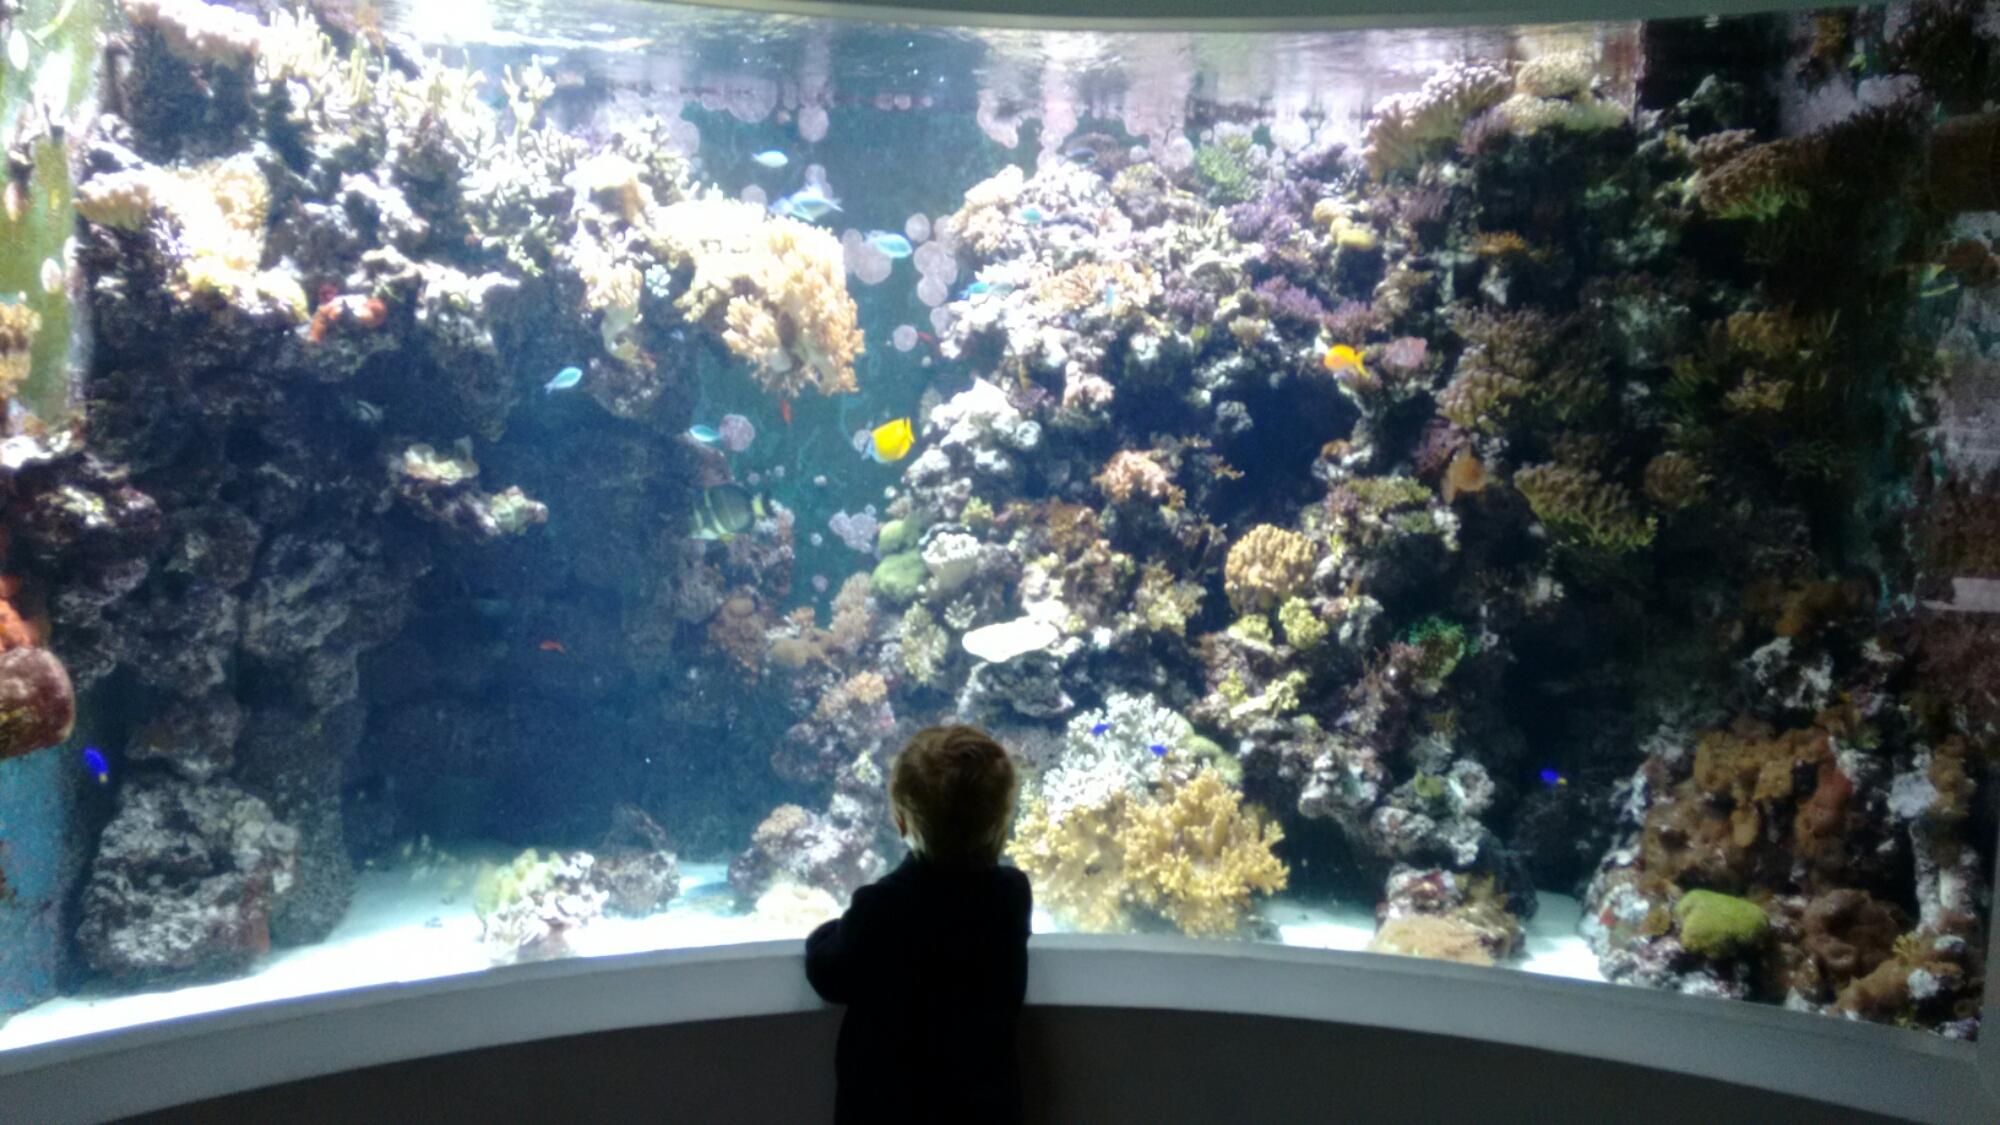 Aquarium at the Horniman Museum